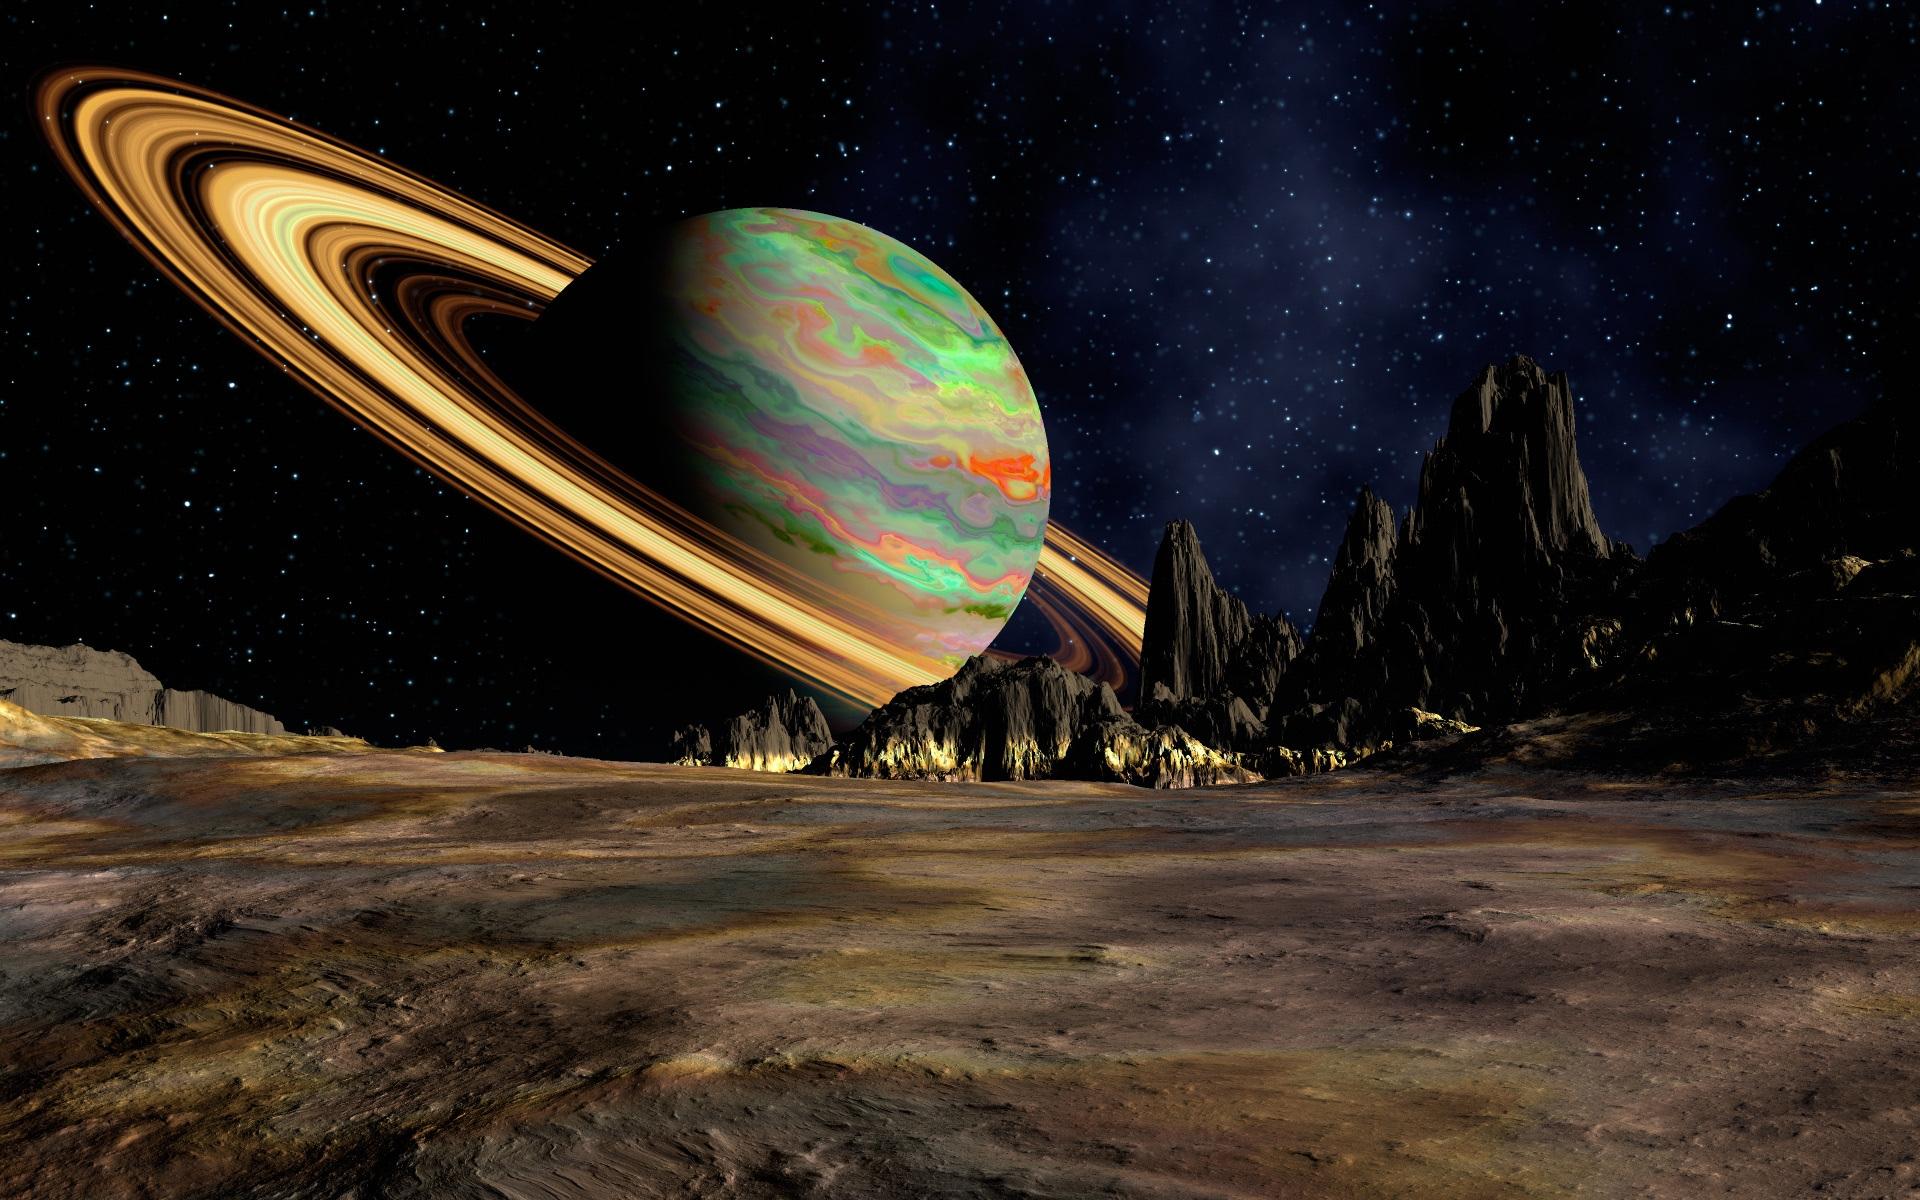 デスクトップ壁紙 風景 夜 惑星 スペース 土星 アート リング コンピュータの壁紙 地球の雰囲気 宇宙空間 天体 現象 19x10 Wallpaperup デスクトップ壁紙 Wallhere